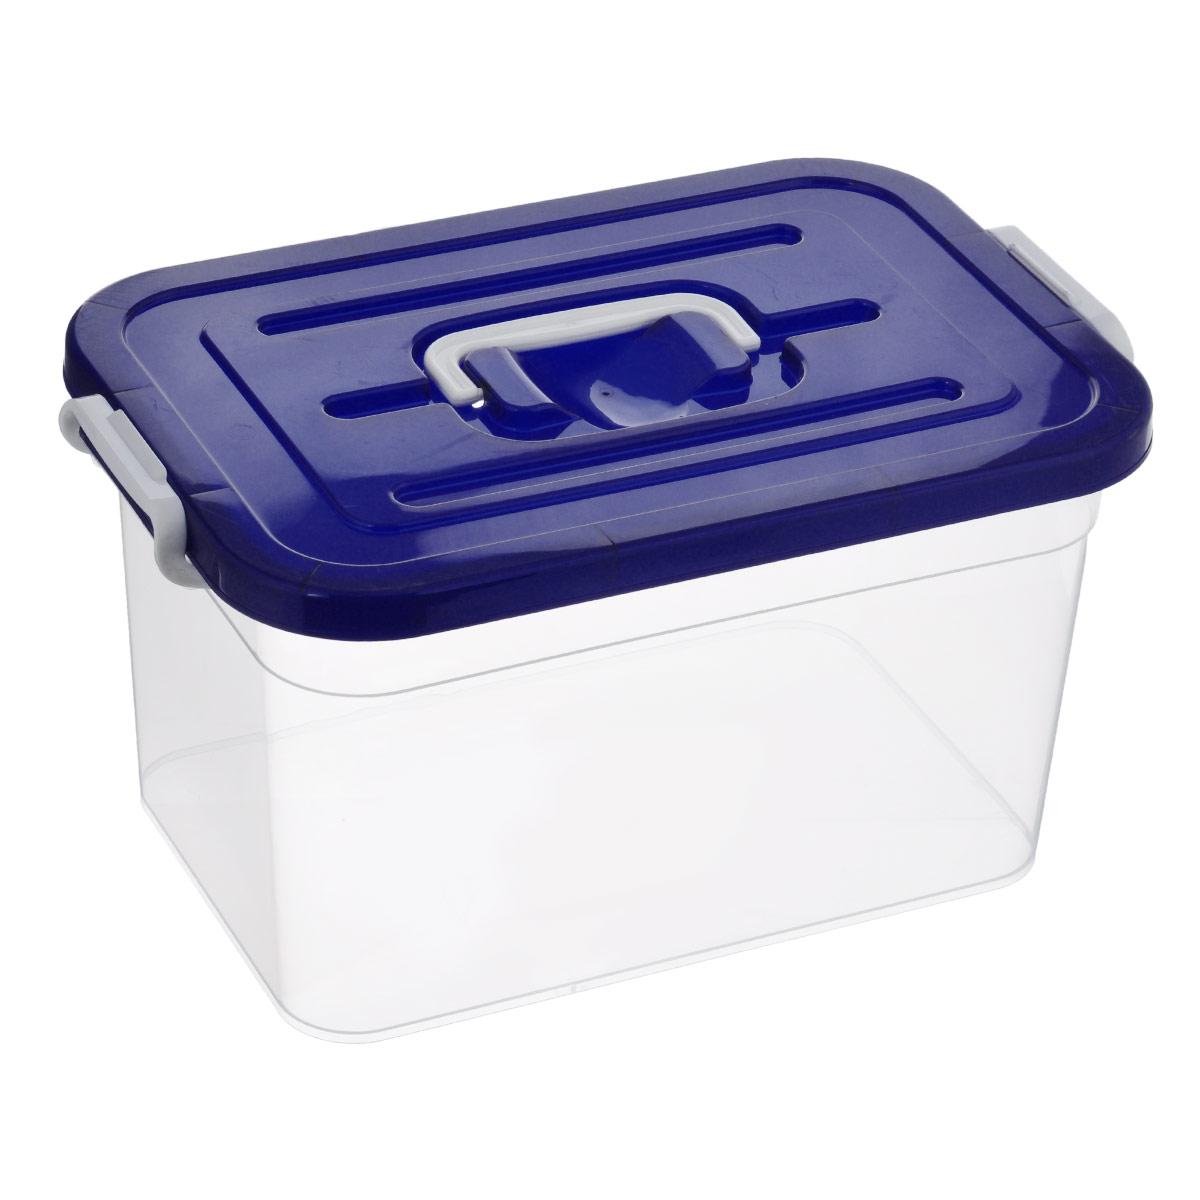 Контейнер для хранения Полимербыт, цвет: темно-синий, 10 л